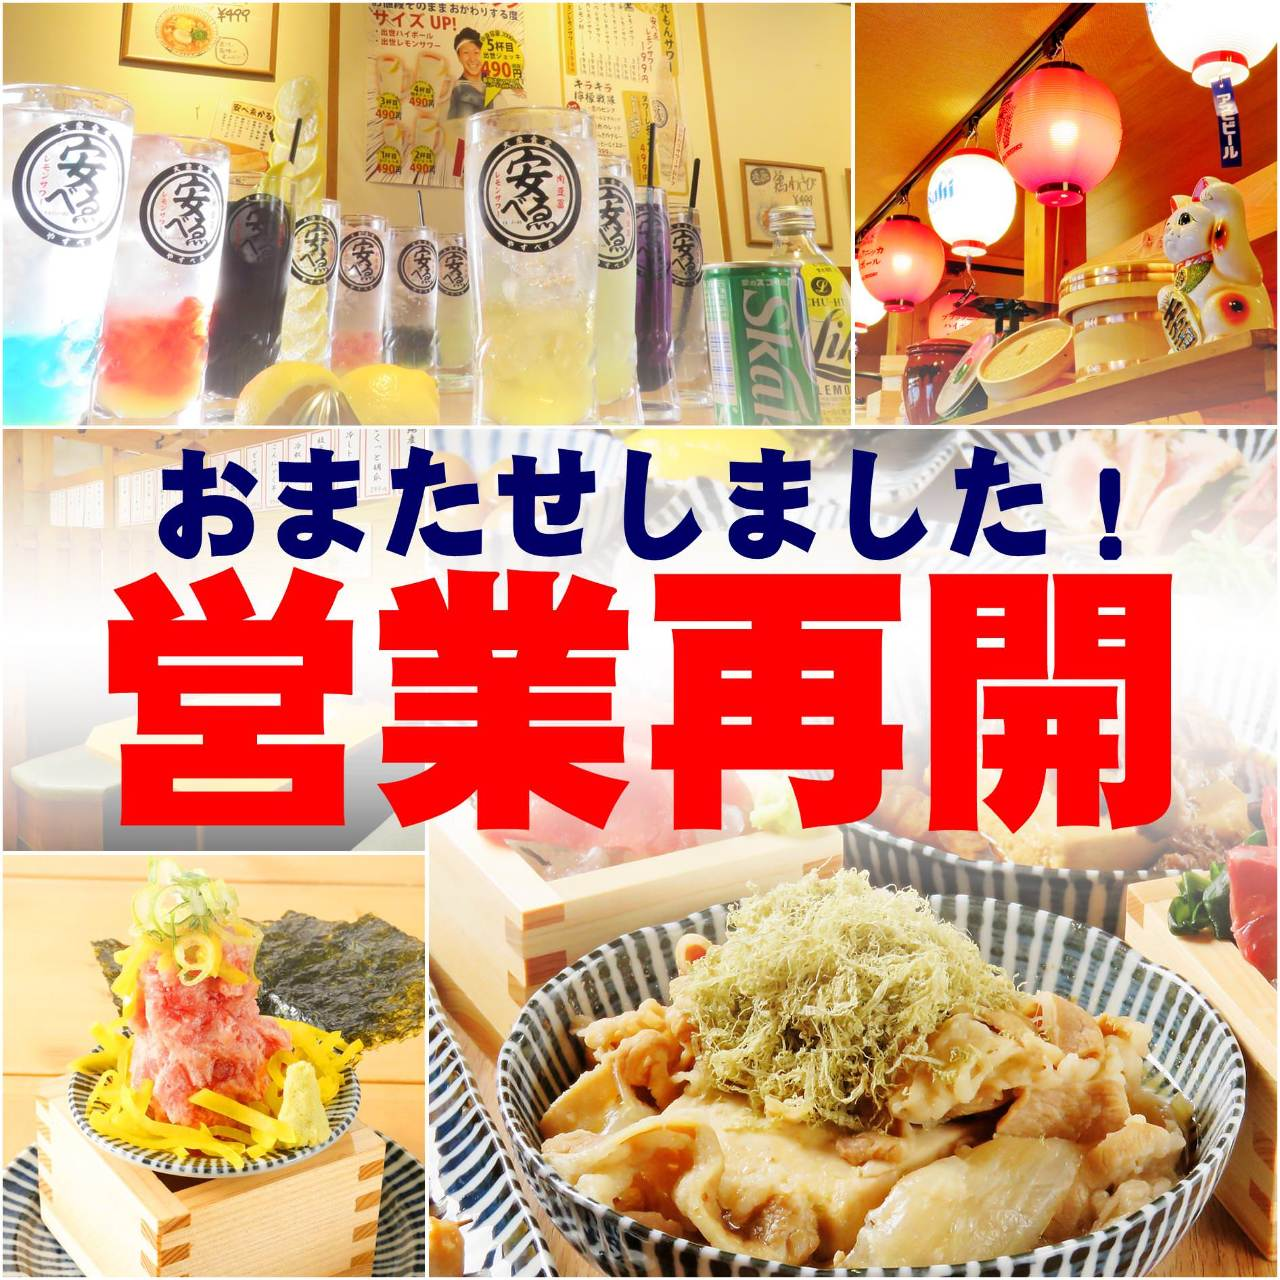 大衆食堂 安べゑ 土浦駅前店